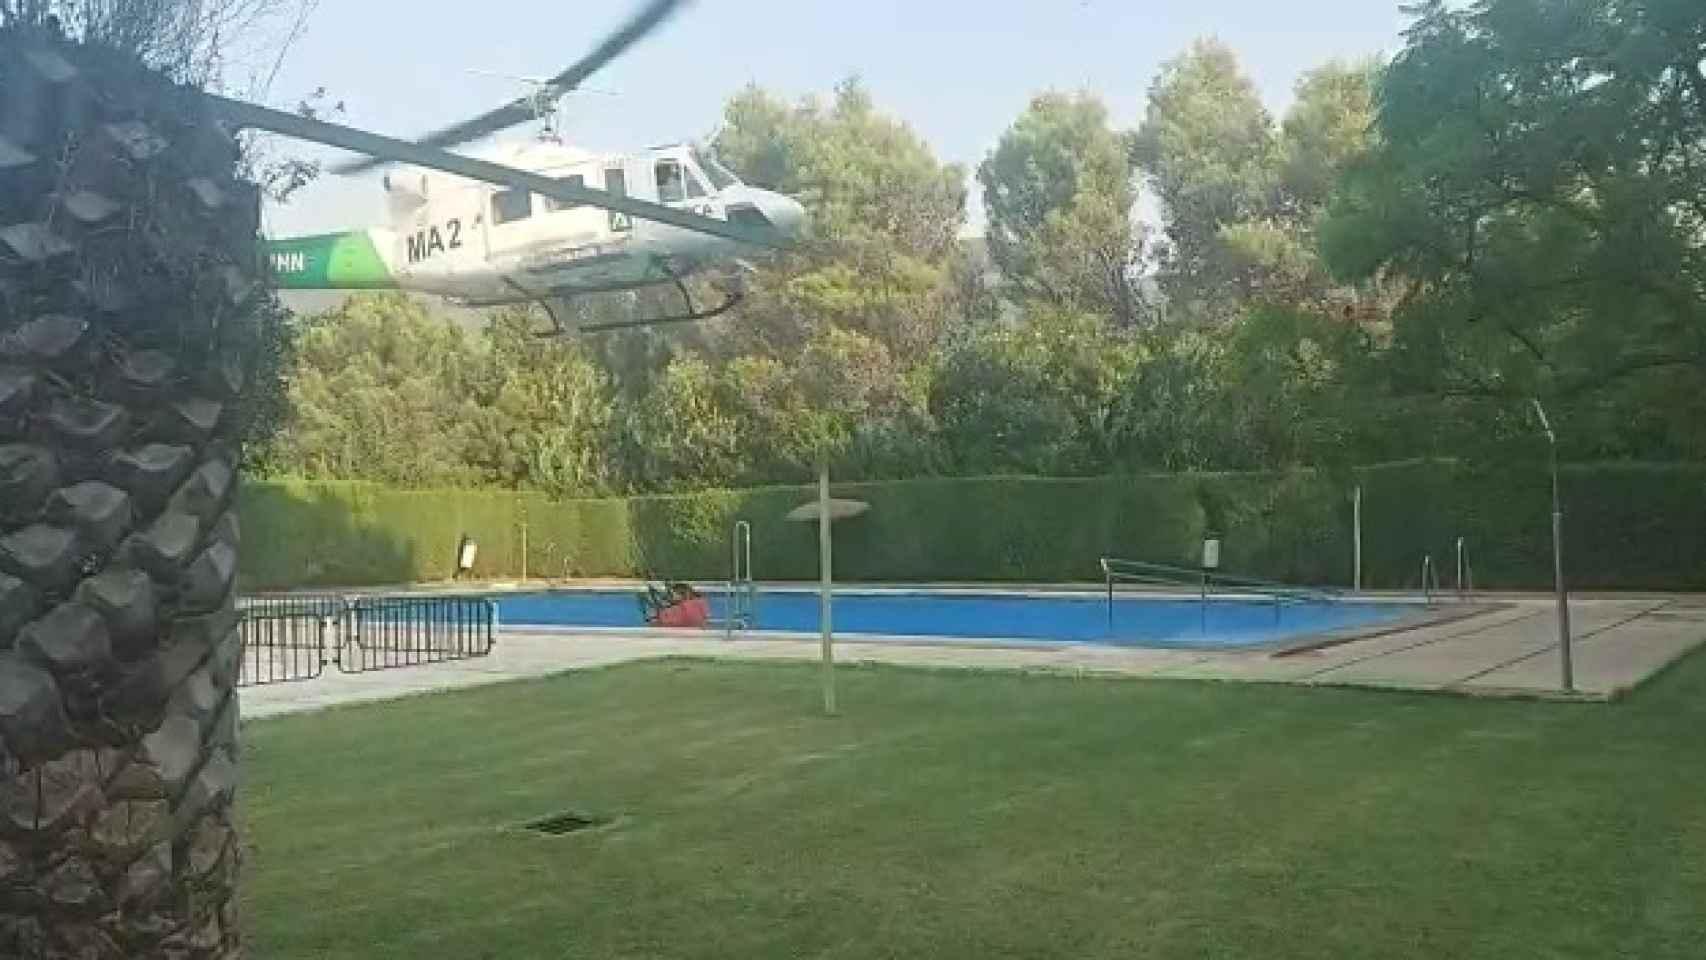 Así carga agua uno de los helicópteros que participan en la extinción del incendio de Sierra Bermeja.